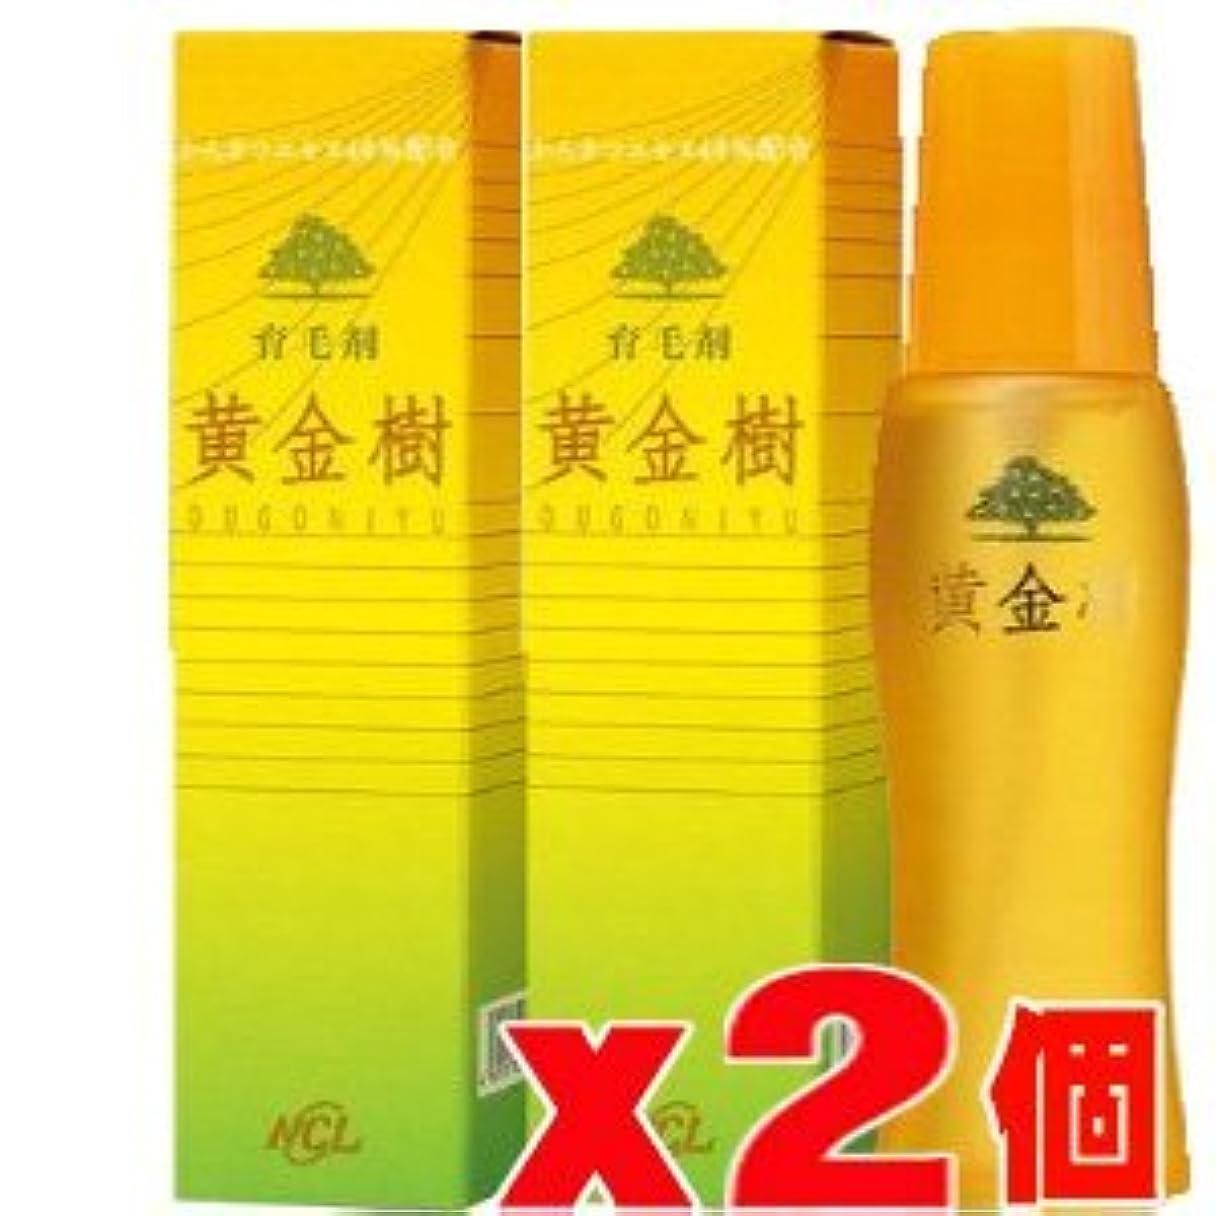 【2個】 黄金樹 120mLx2個 (4560436711117)